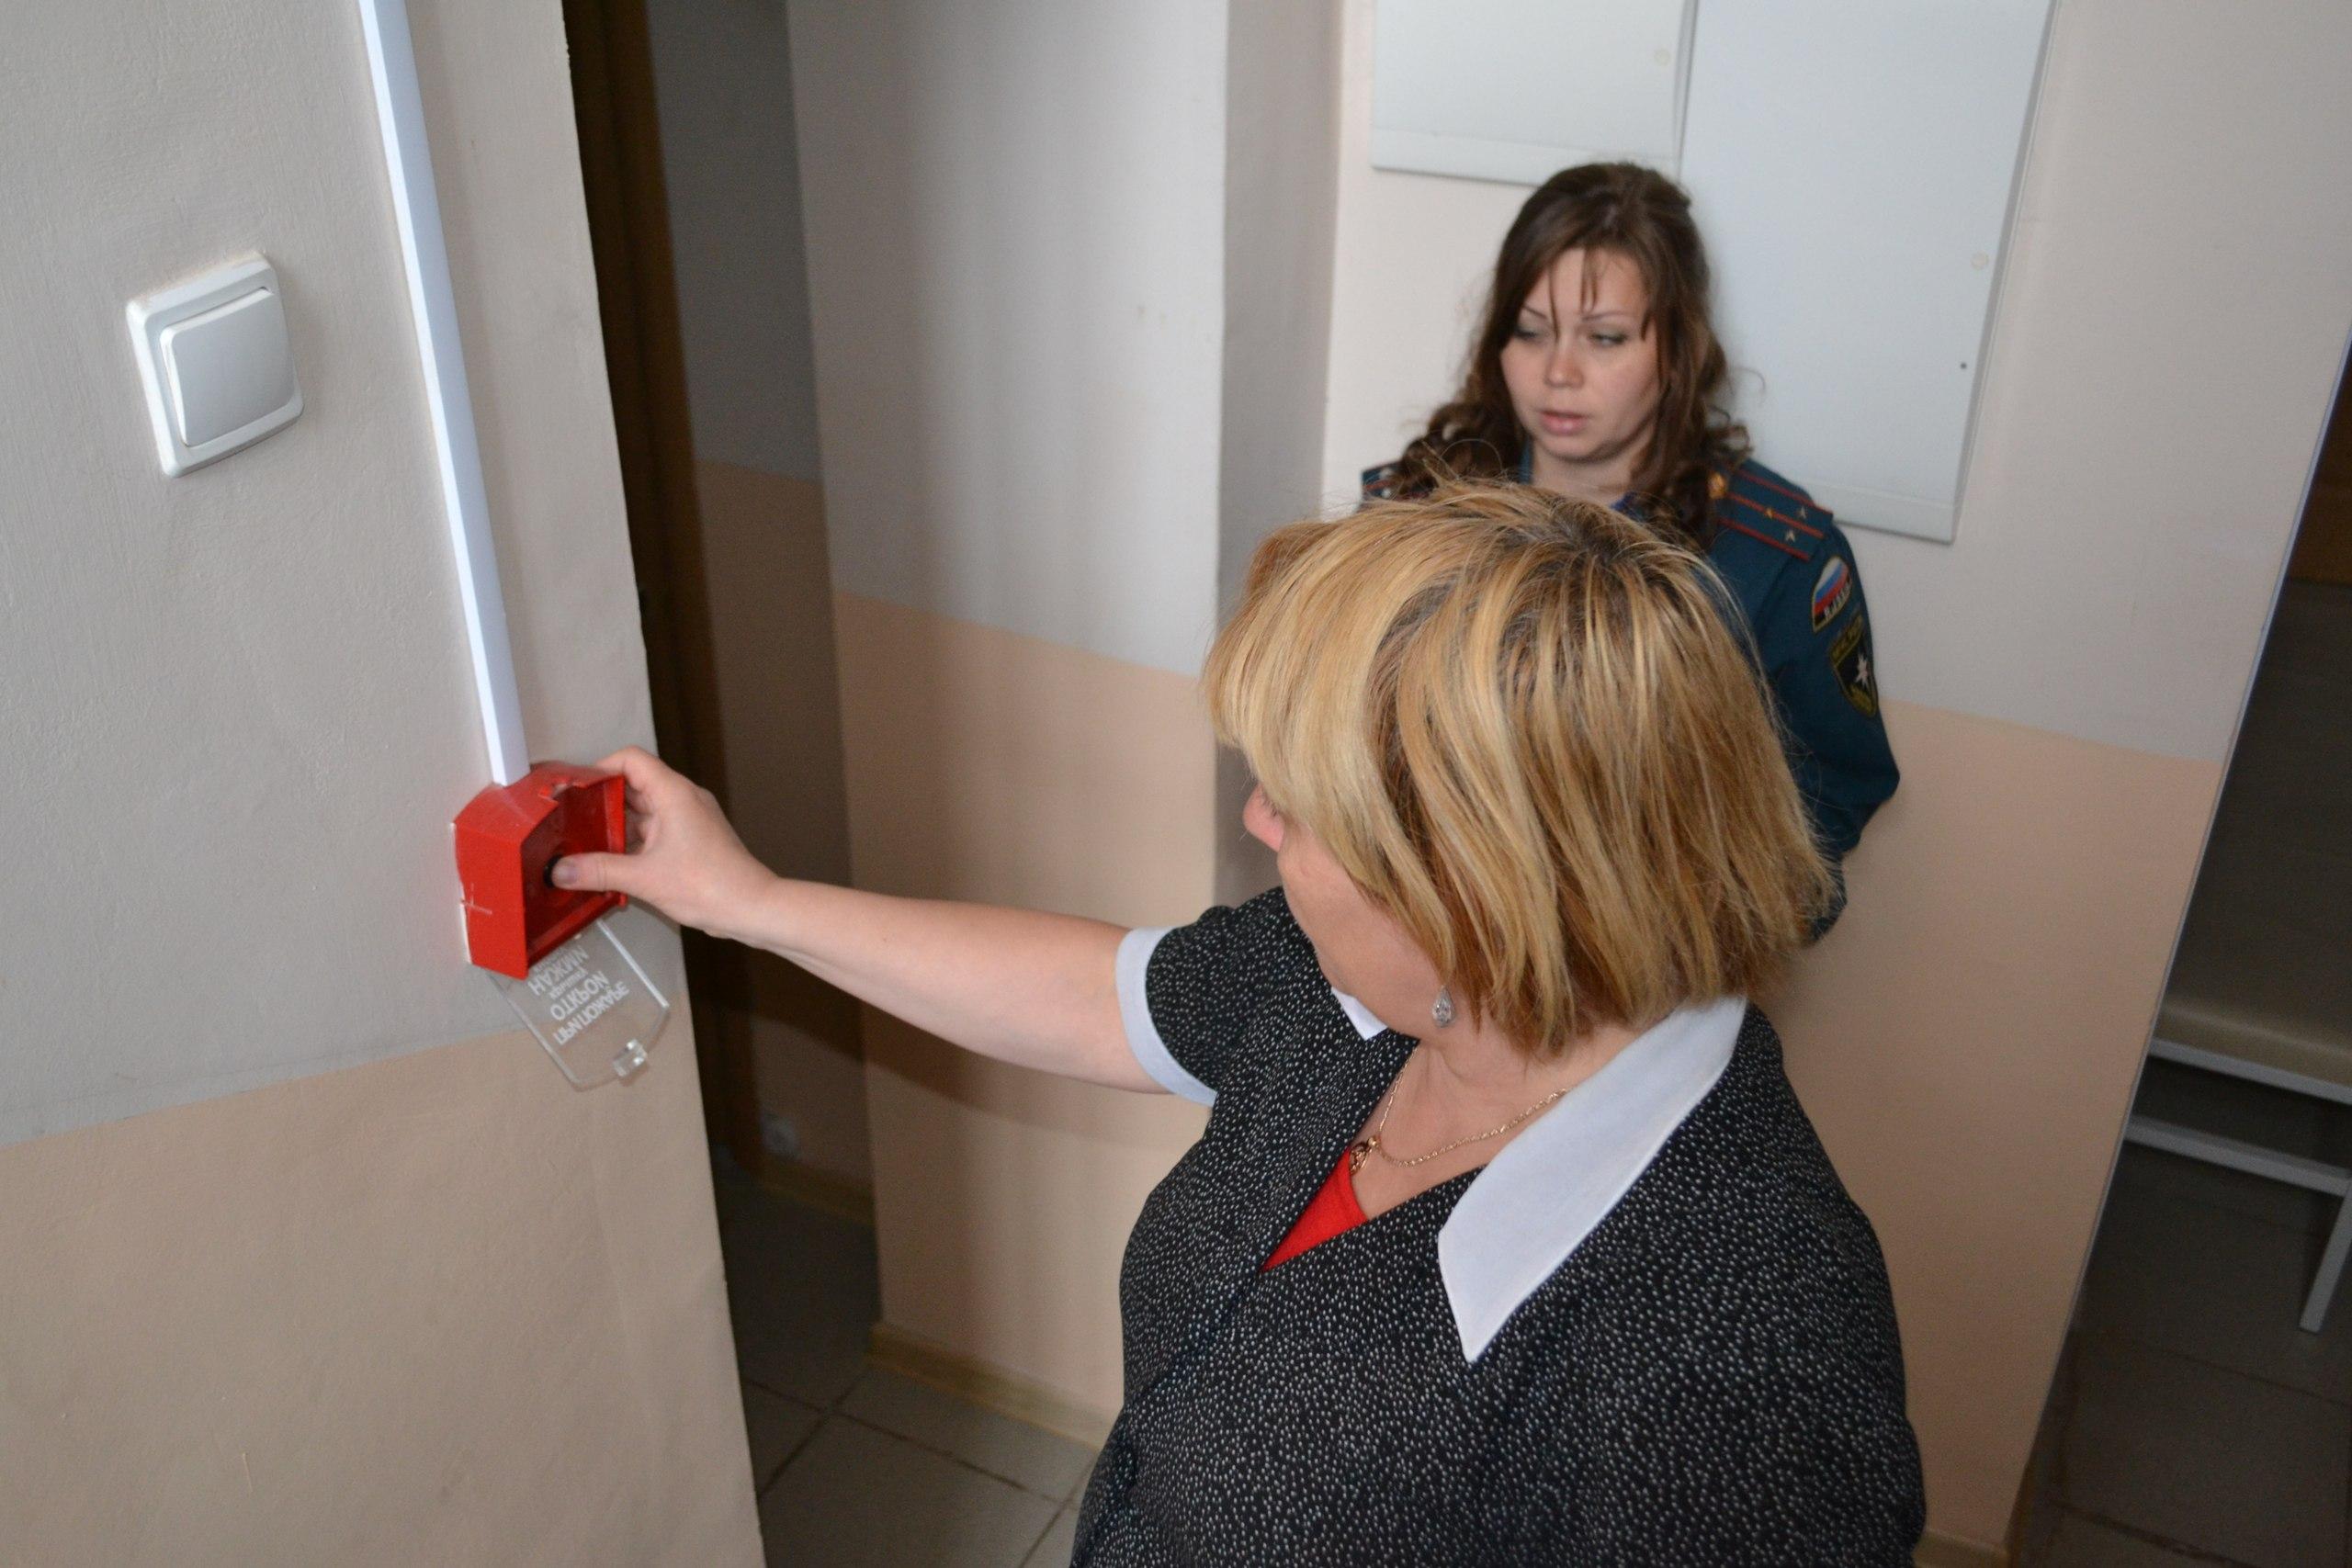 При обследовании объекта проверяется работоспособность систем защиты. На фото - идет проверка устройств ручного запуска сигнализации и пожаротушения.